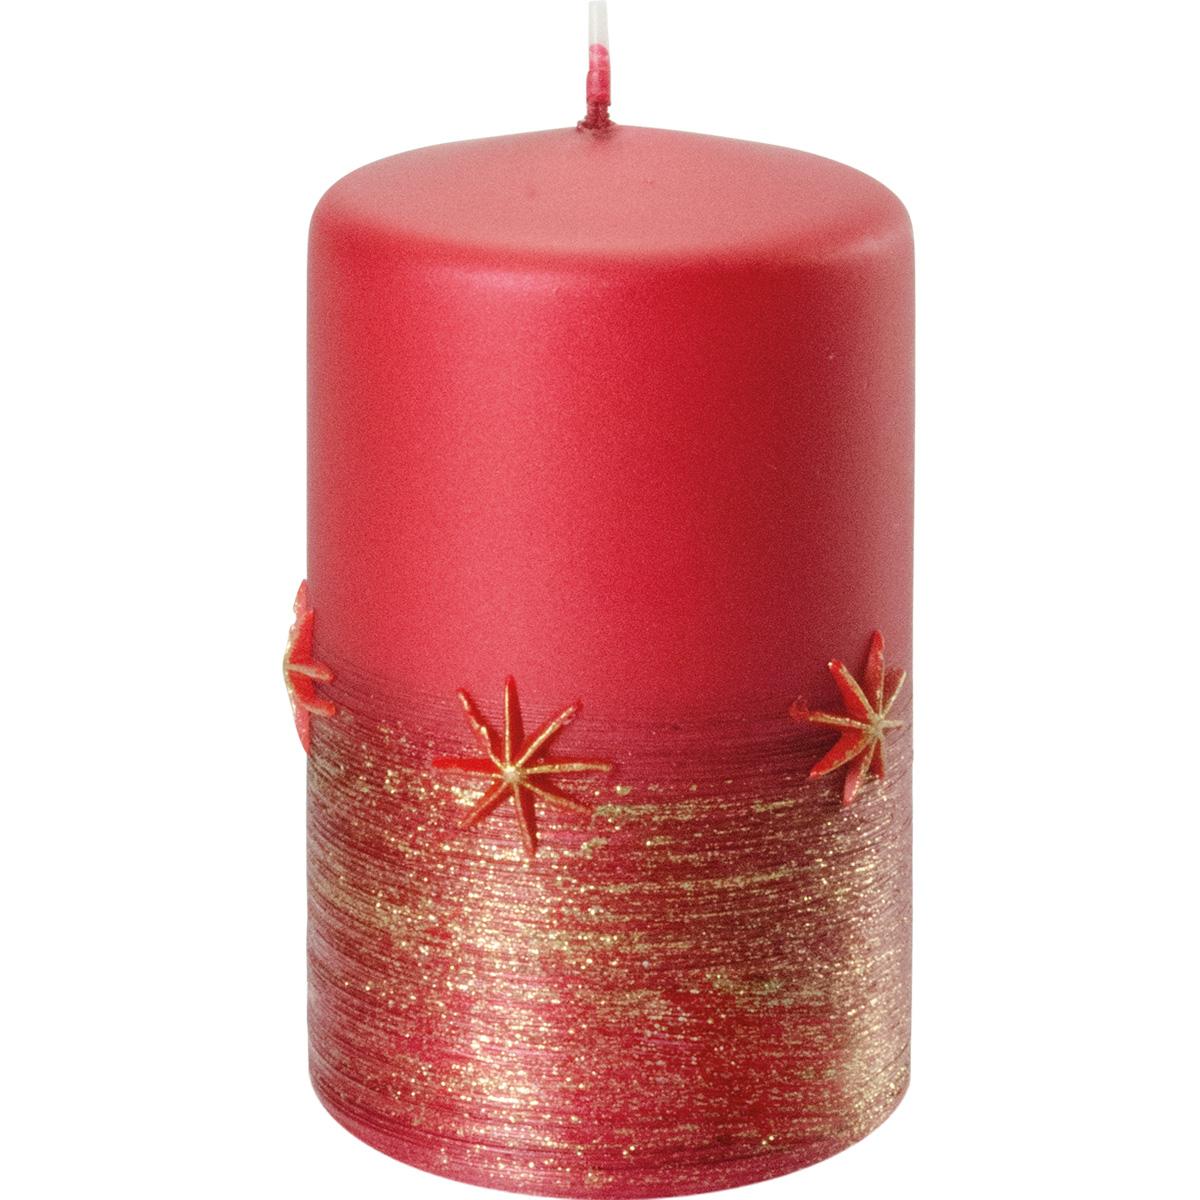 Weihnachtskerze, #2769, 10 x 6 cm, rubin, Serie Emira